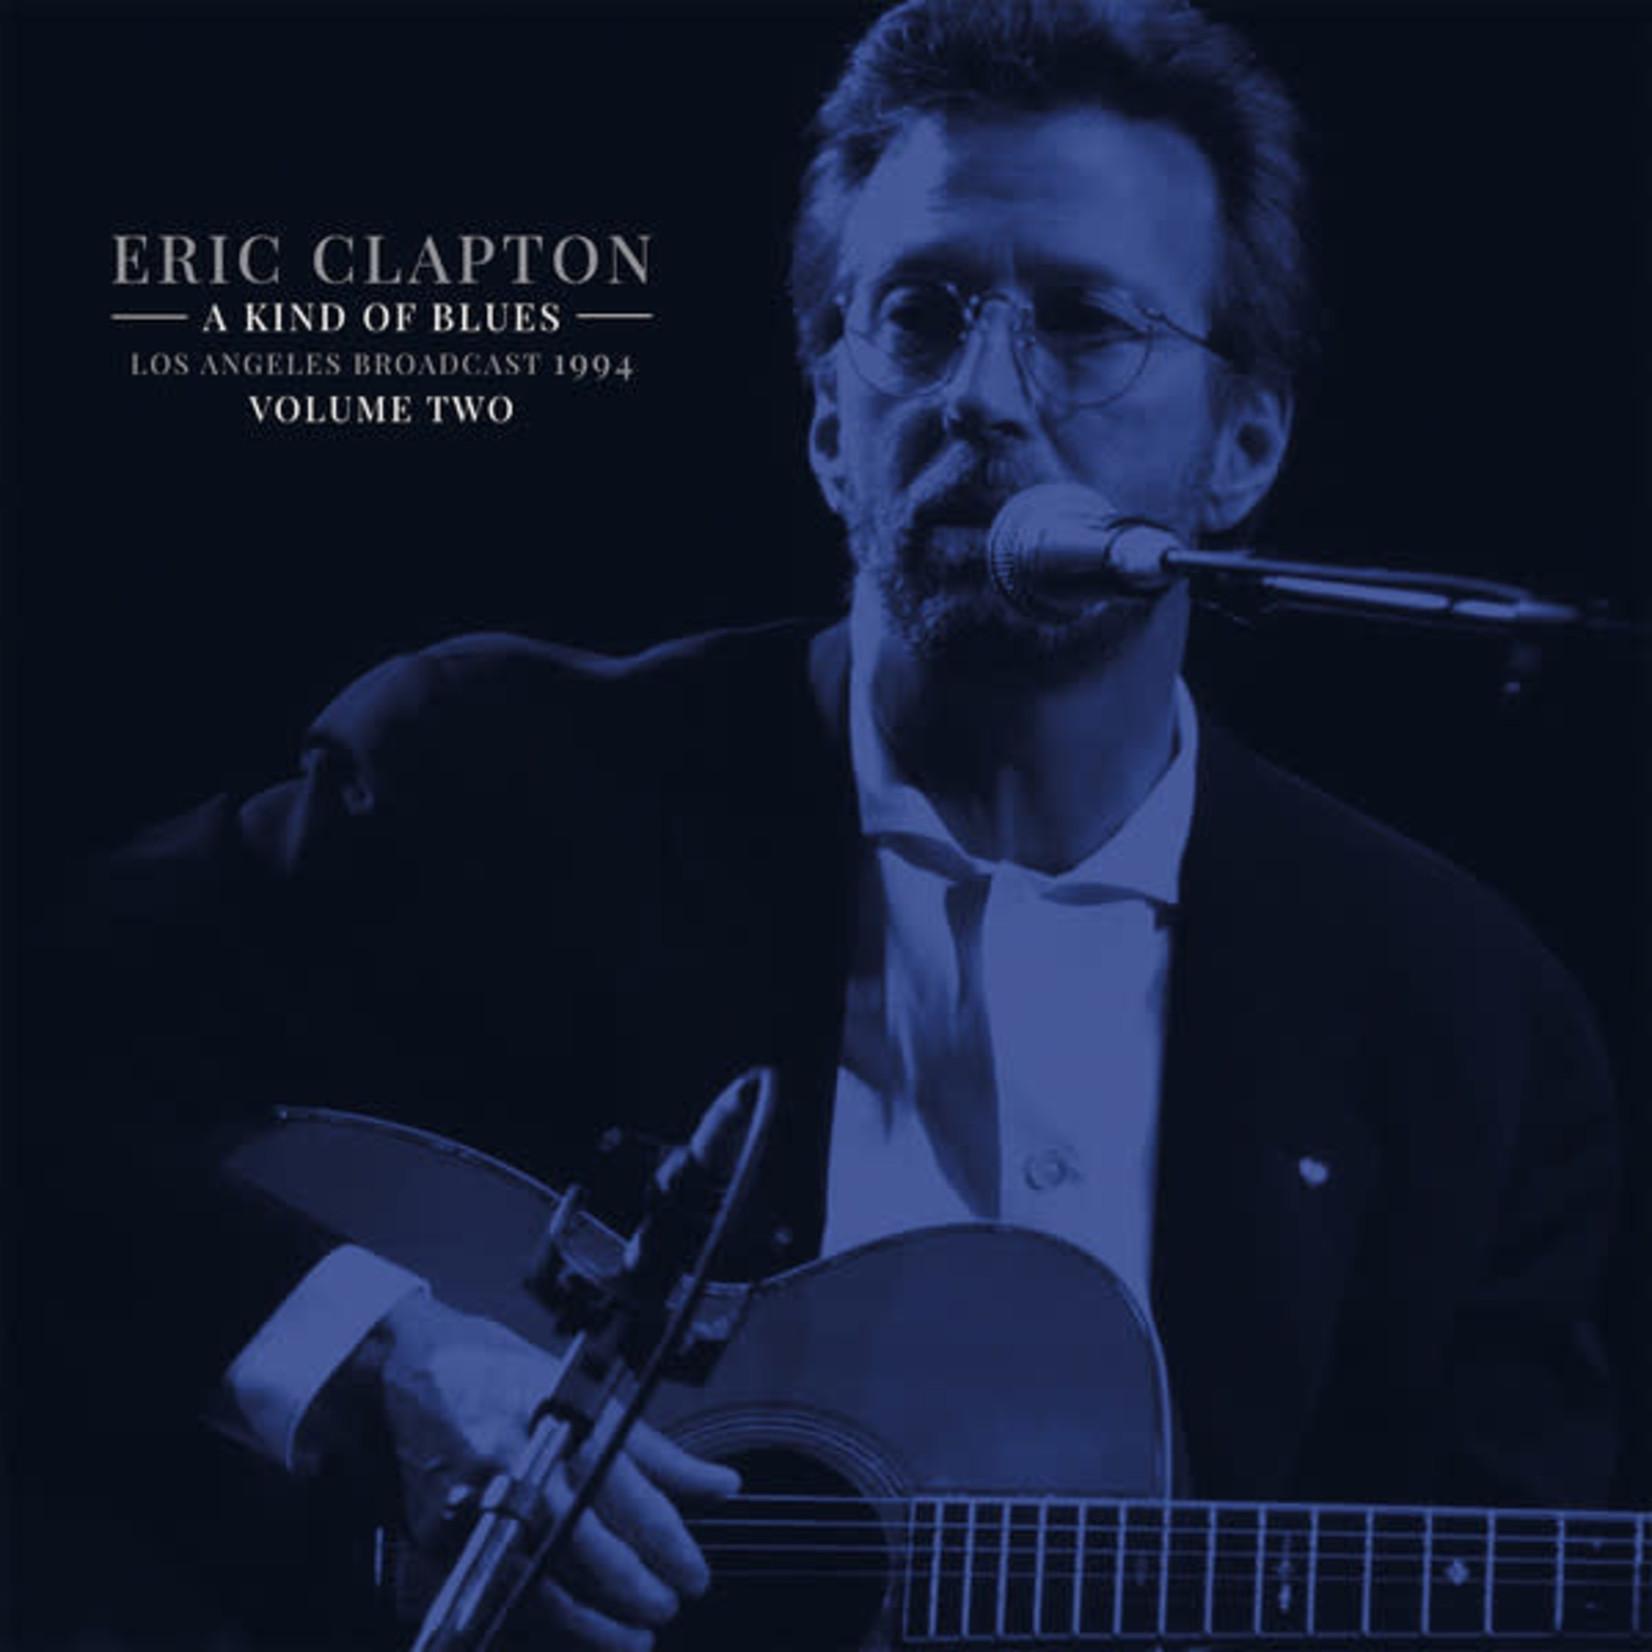 ERIC CLAPTON A KIND OF BLUES VOL. 2 (2LP)